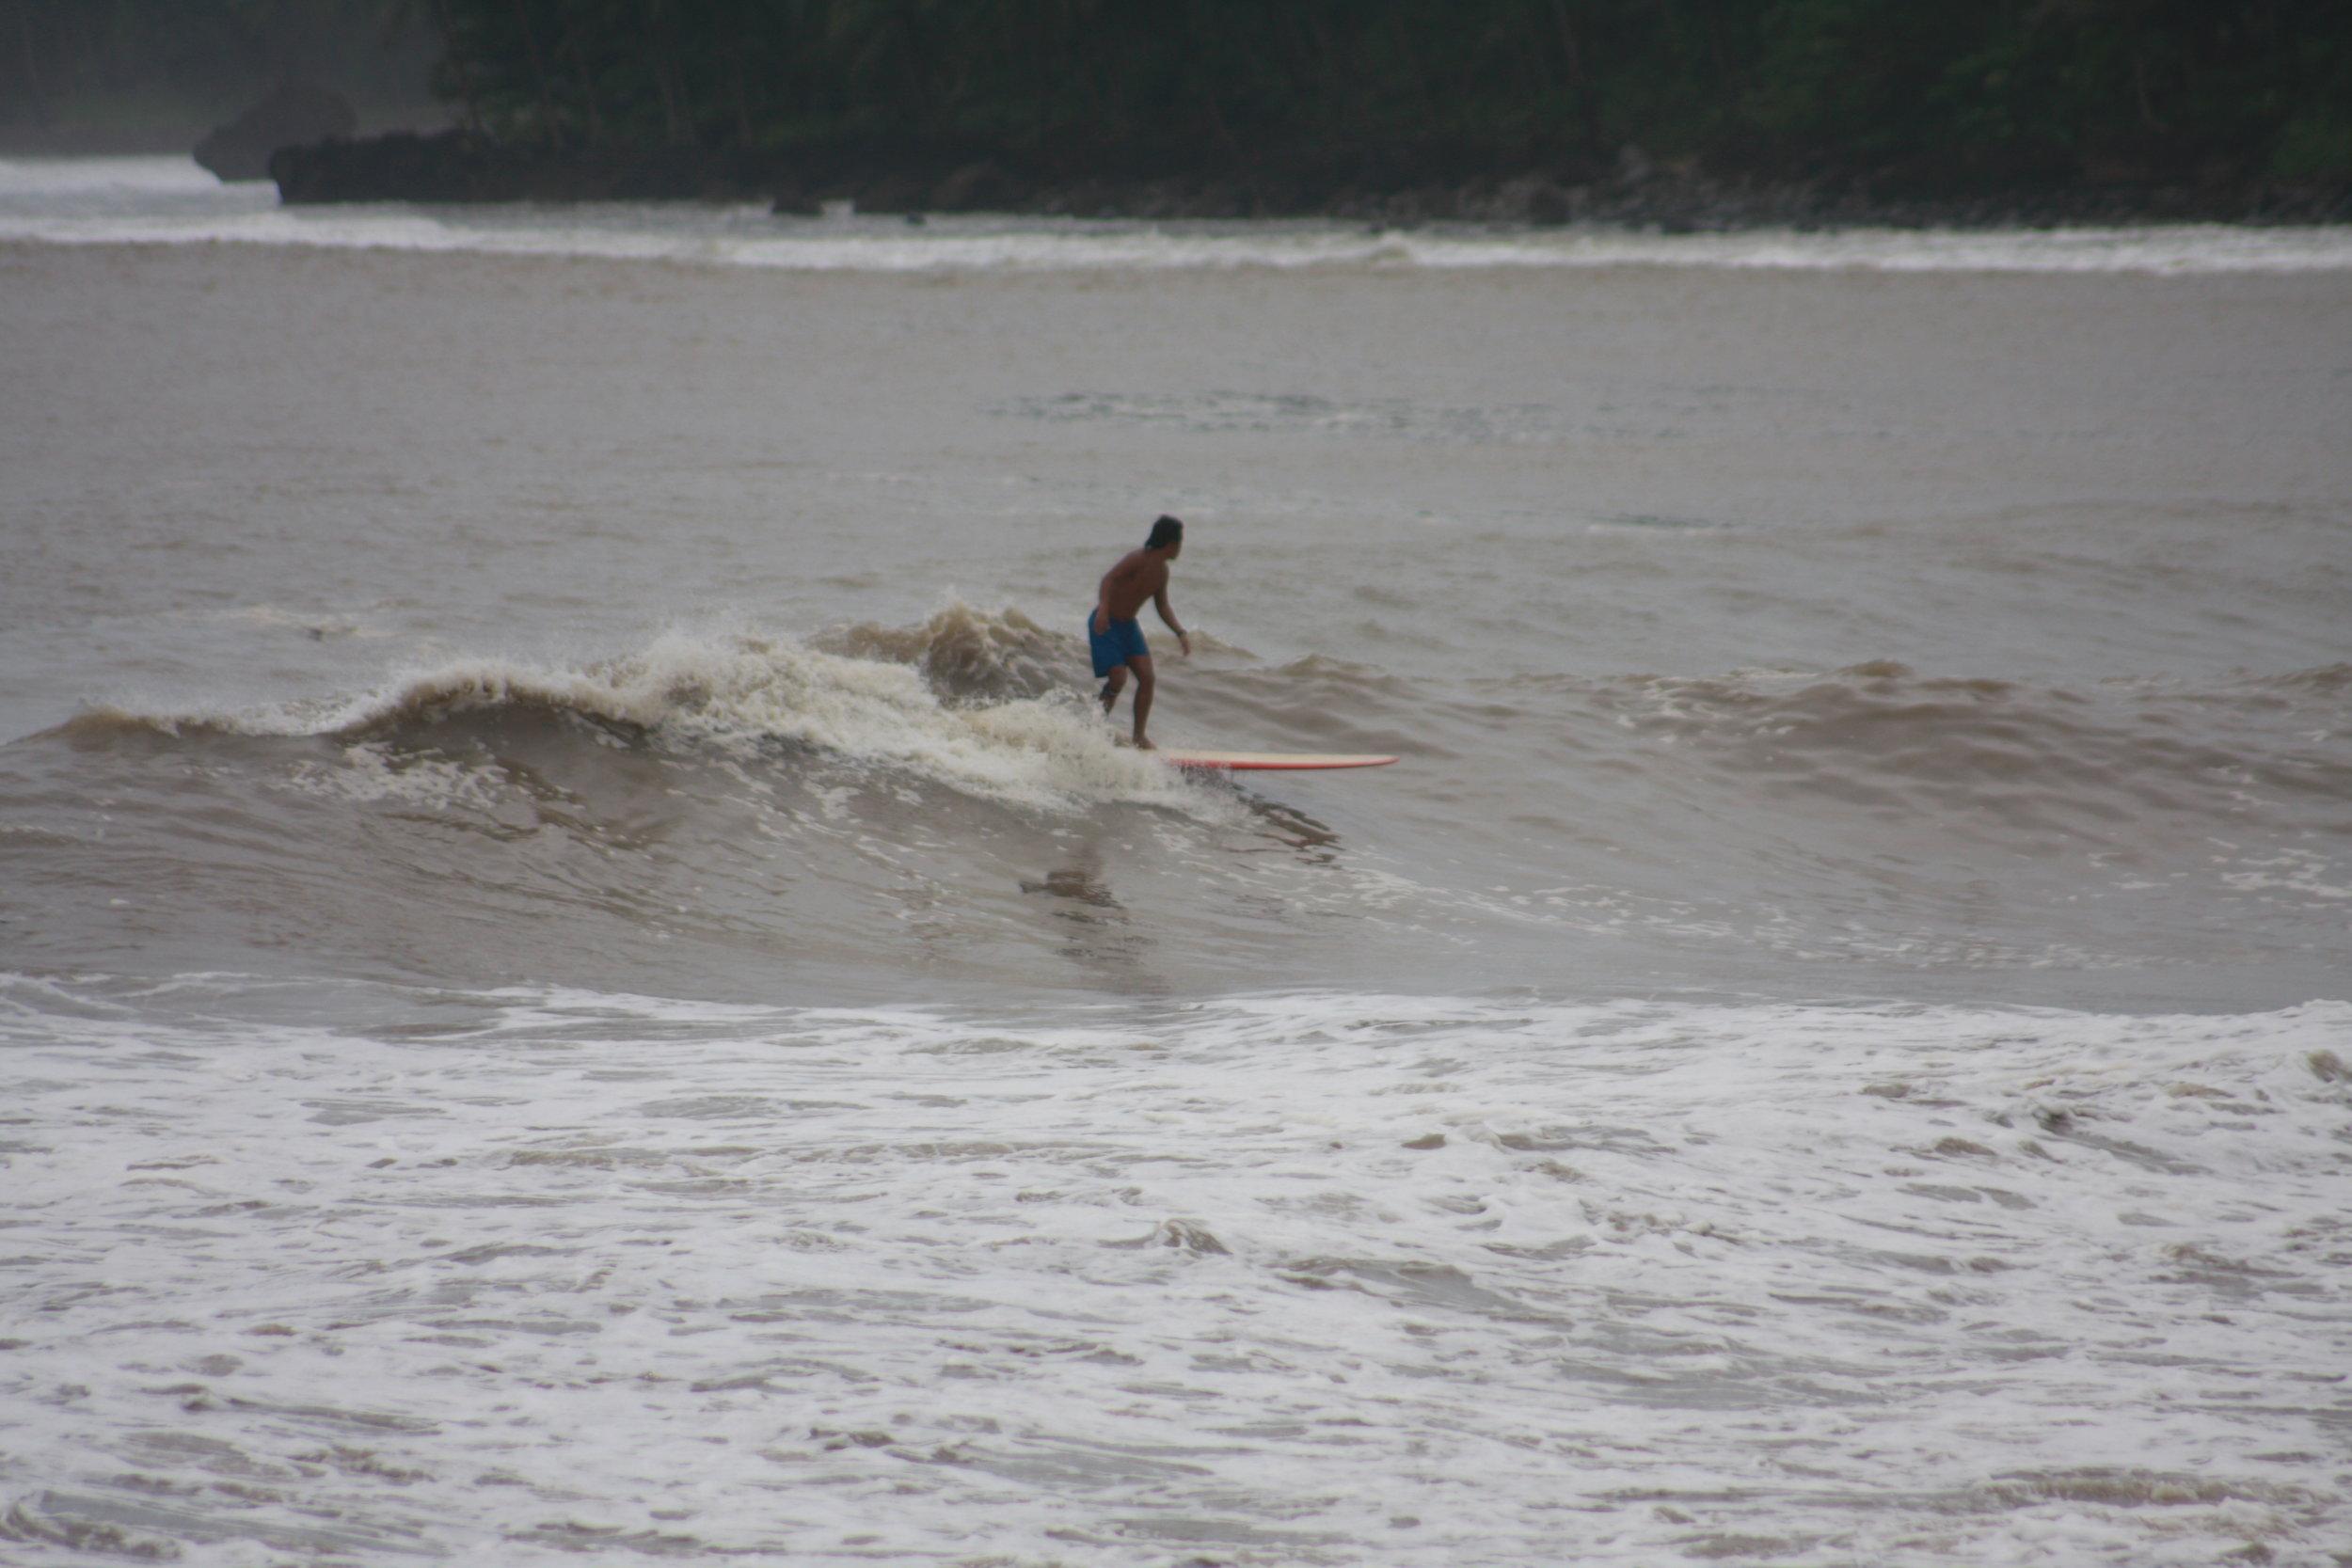 Alex Solitaria on a much friendlier wave.